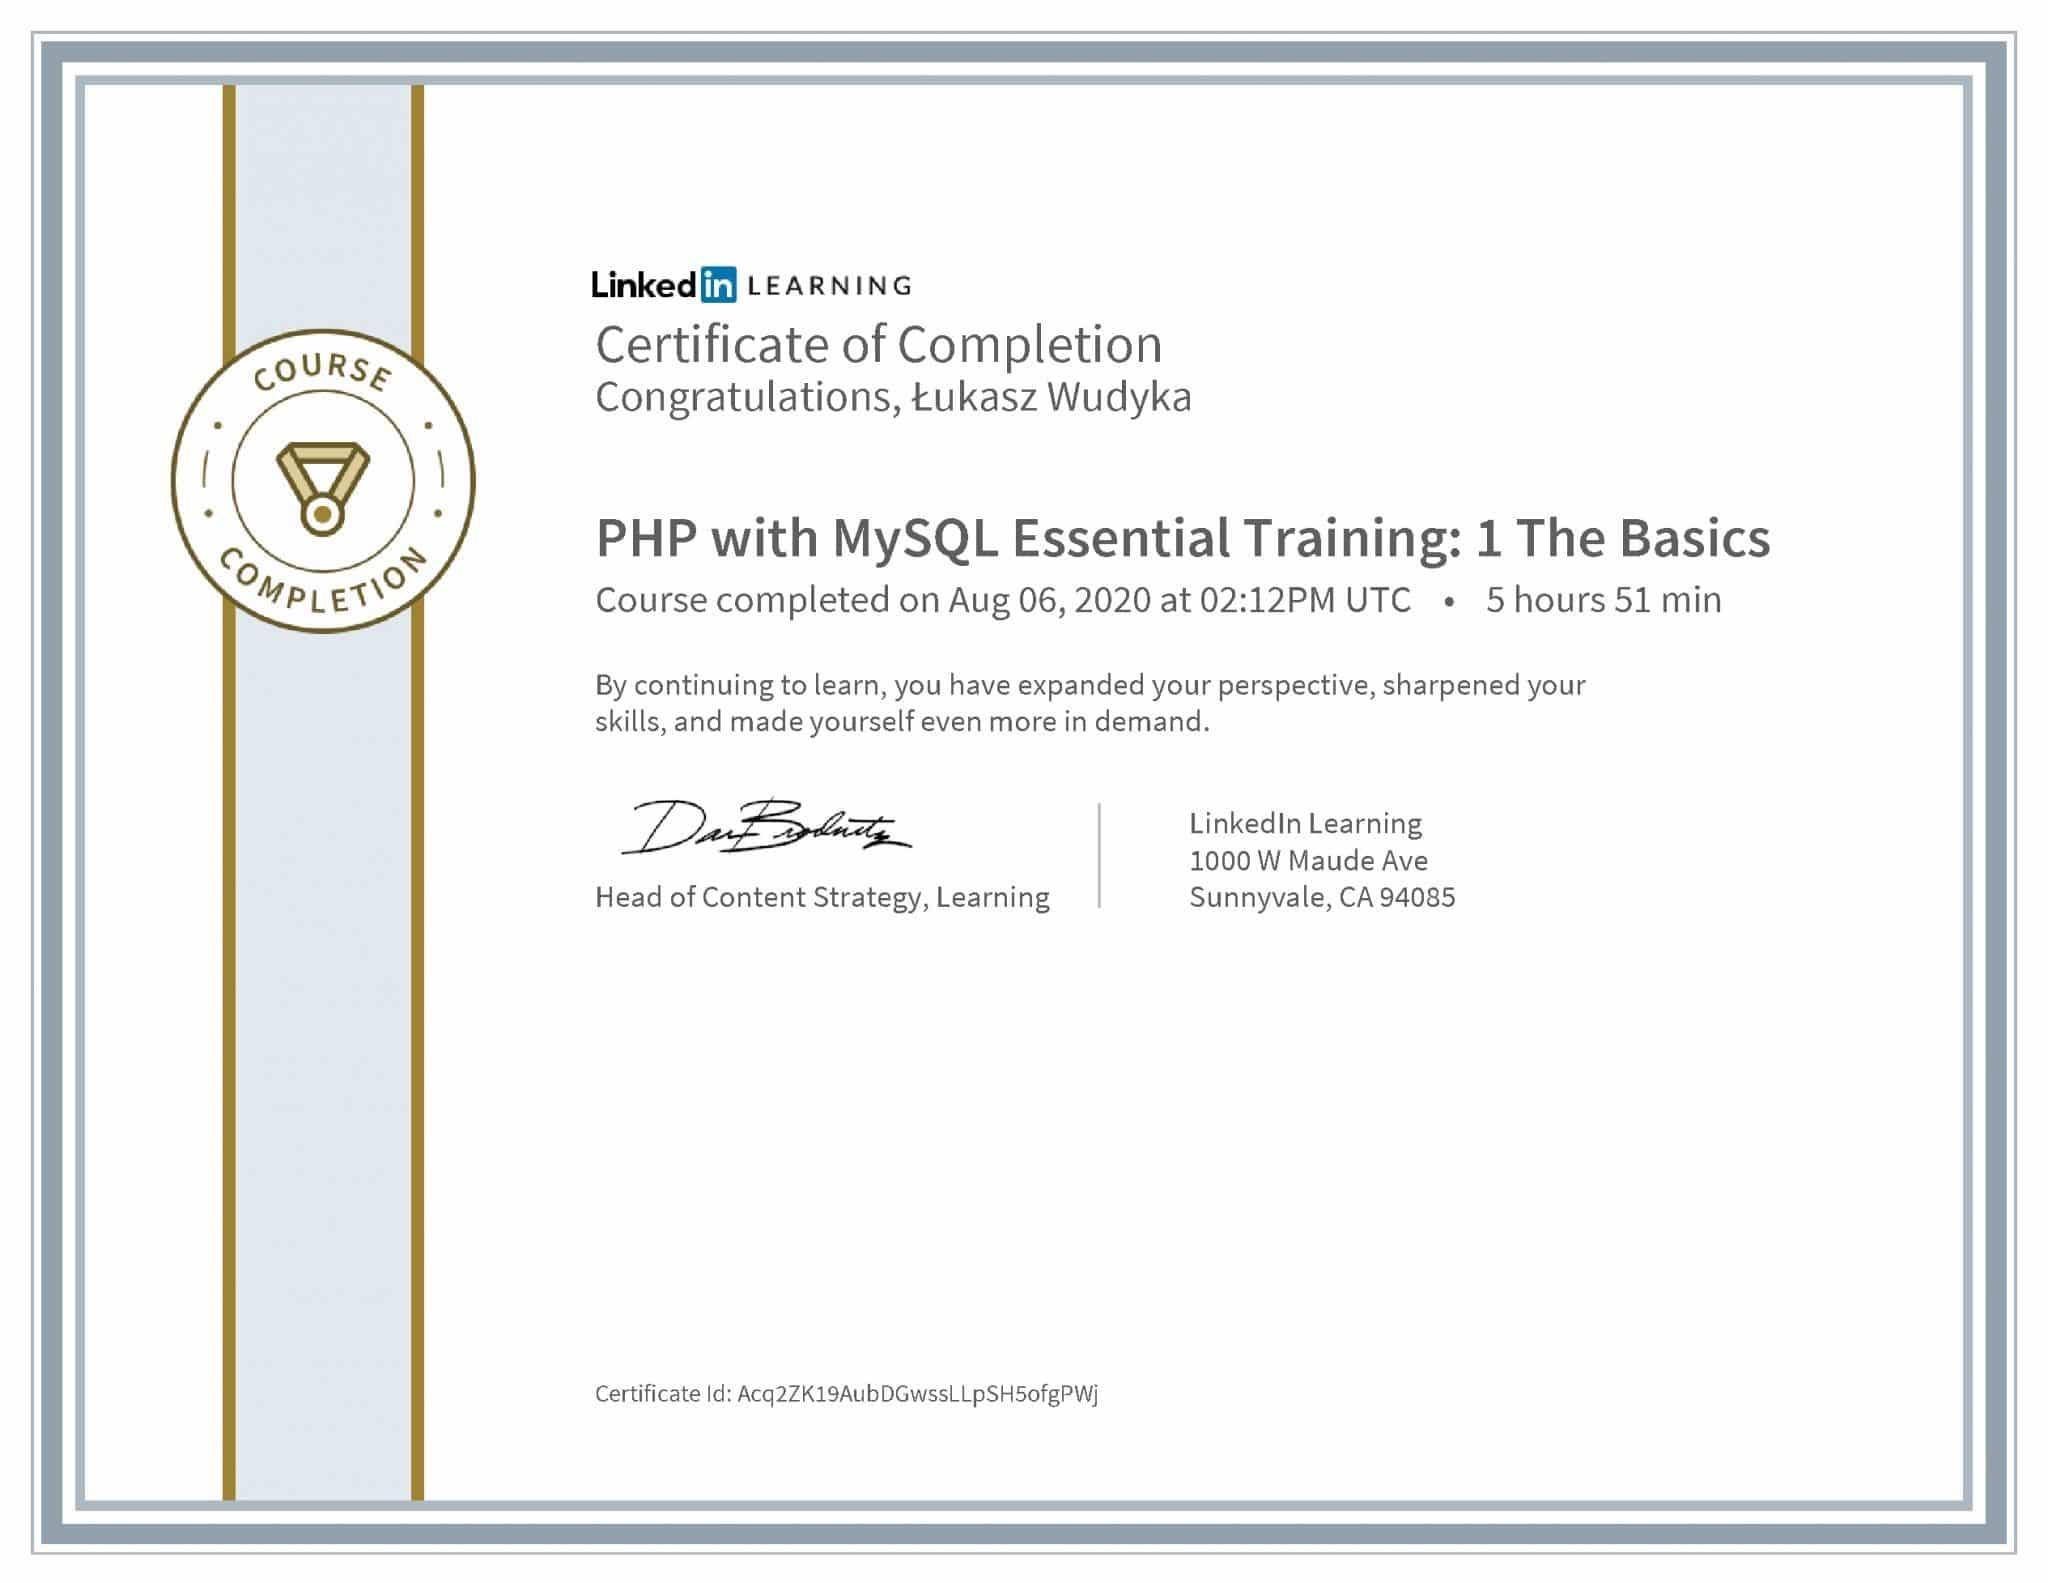 Łukasz Wudyka certyfikat LinkedIn PHP with MySQL Essential Training: 1 The Basics